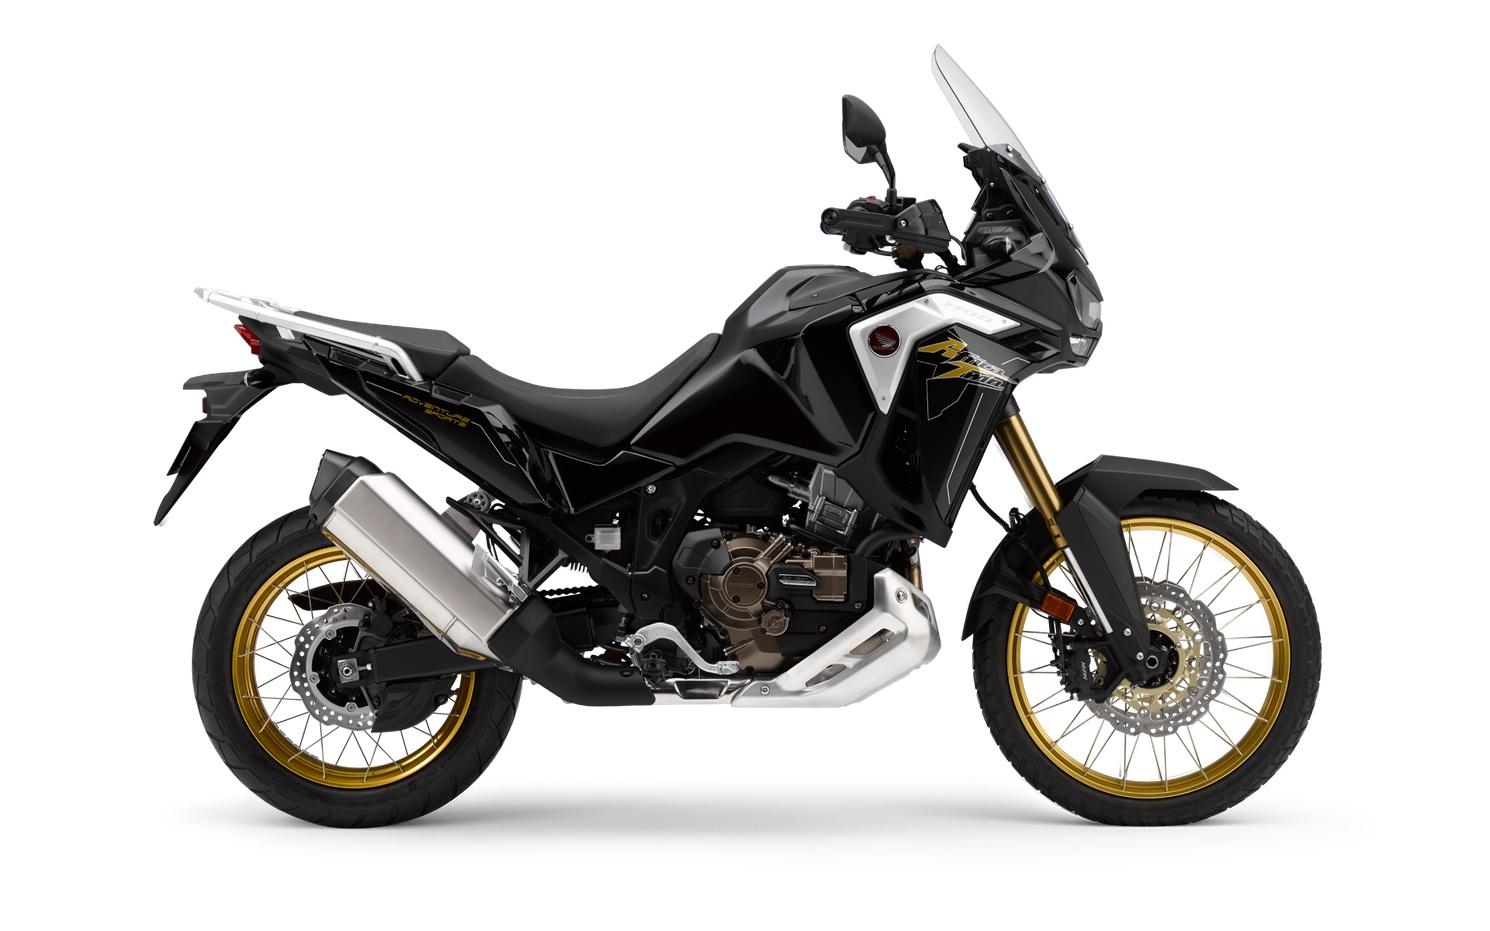 Honda Africa Twin Adventure Sports DCT Noir Obscur Métallique 2020